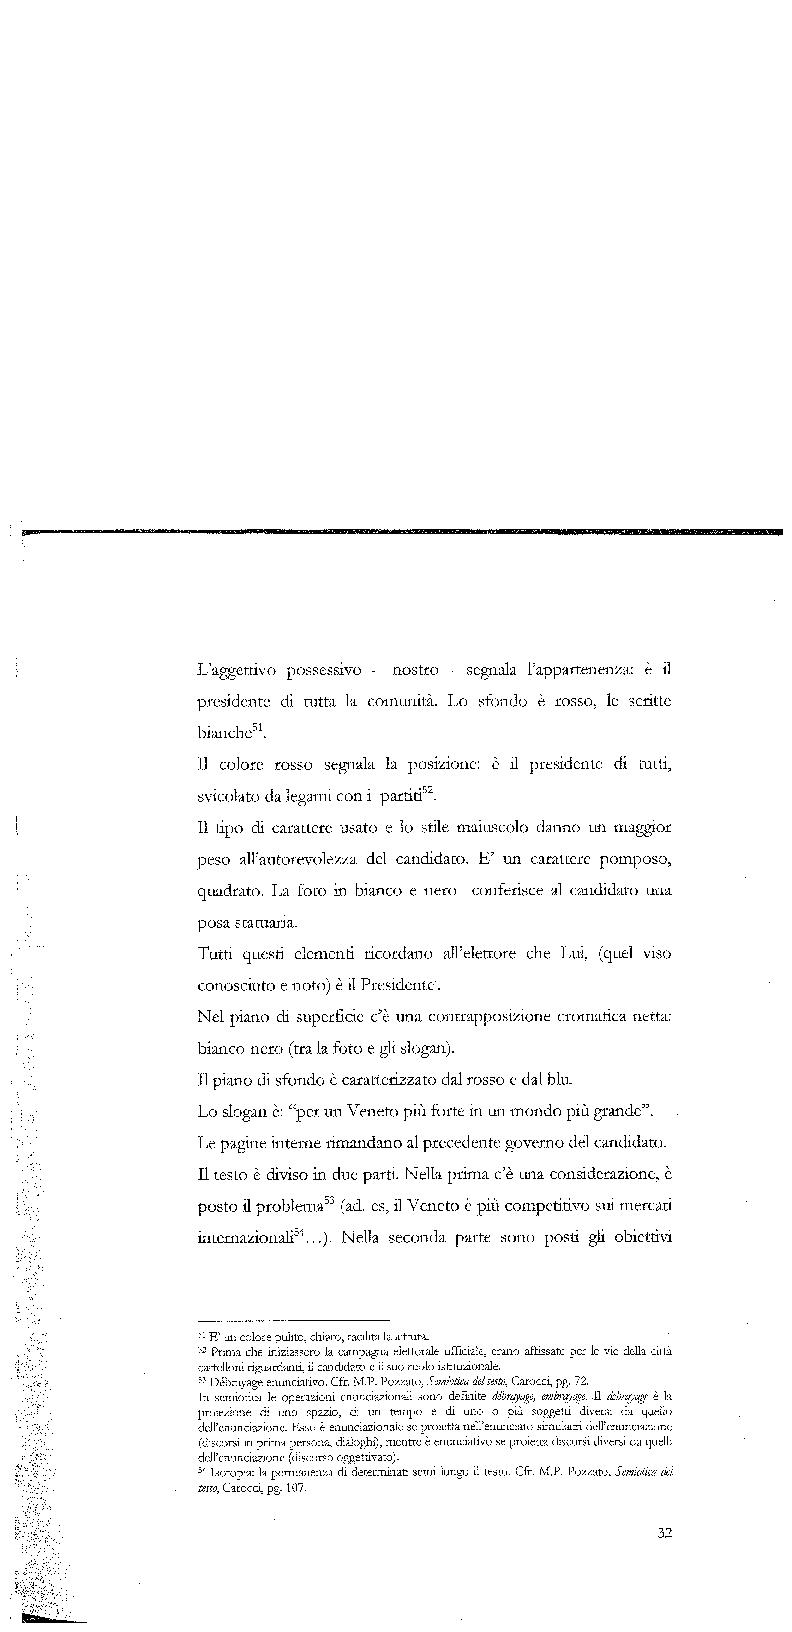 Anteprima della tesi: Strategie di persuasione elettorale durante le regionali 2005 in Veneto, Pagina 2